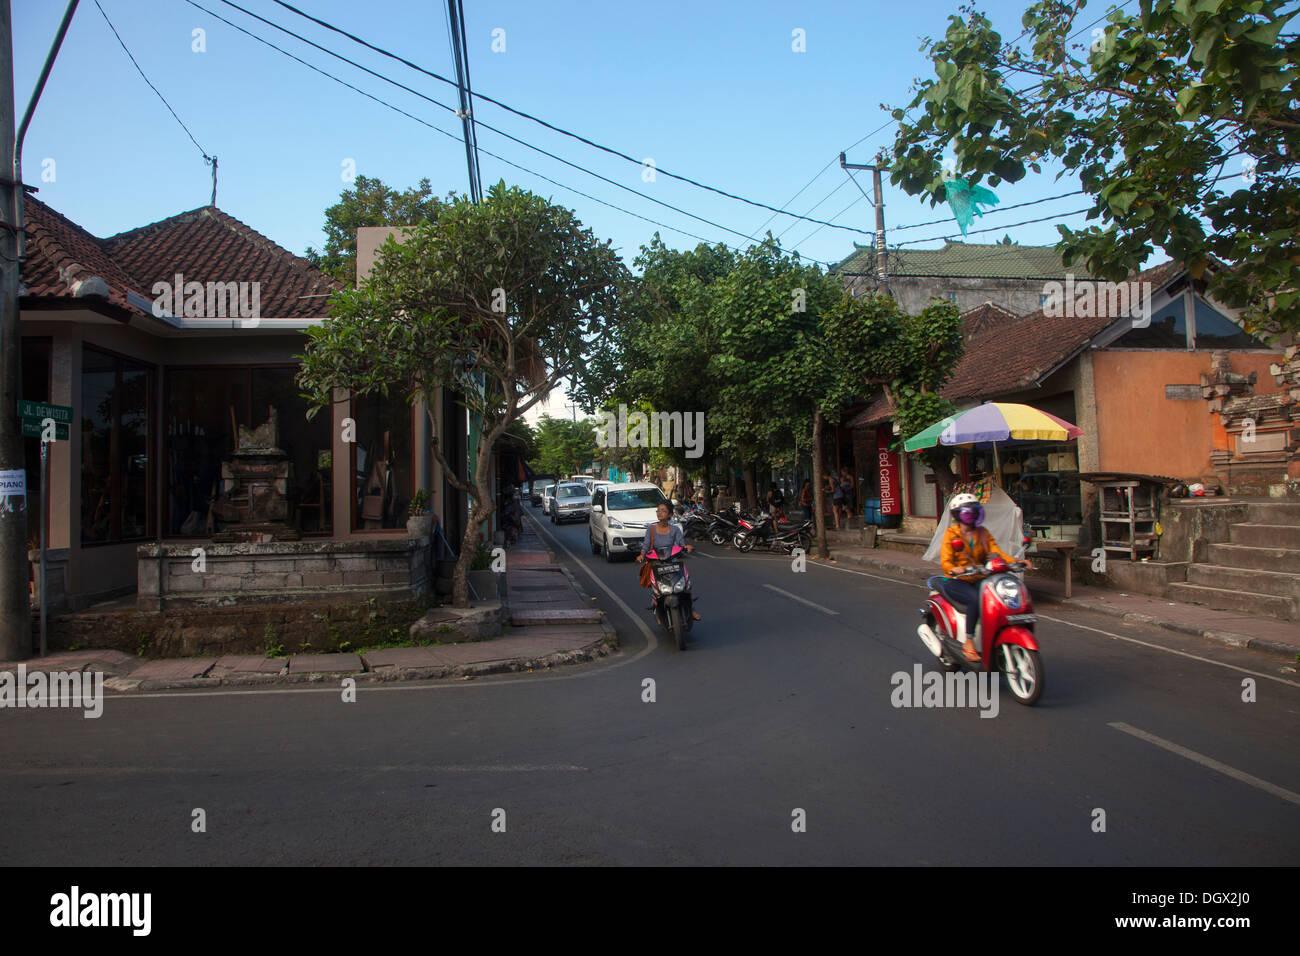 Straßenszene Ubud Bali Indonesien Verkehr Fahrräder Auto Staus Bewegung Transport Transport Touristen typische Straße jalan Stockbild